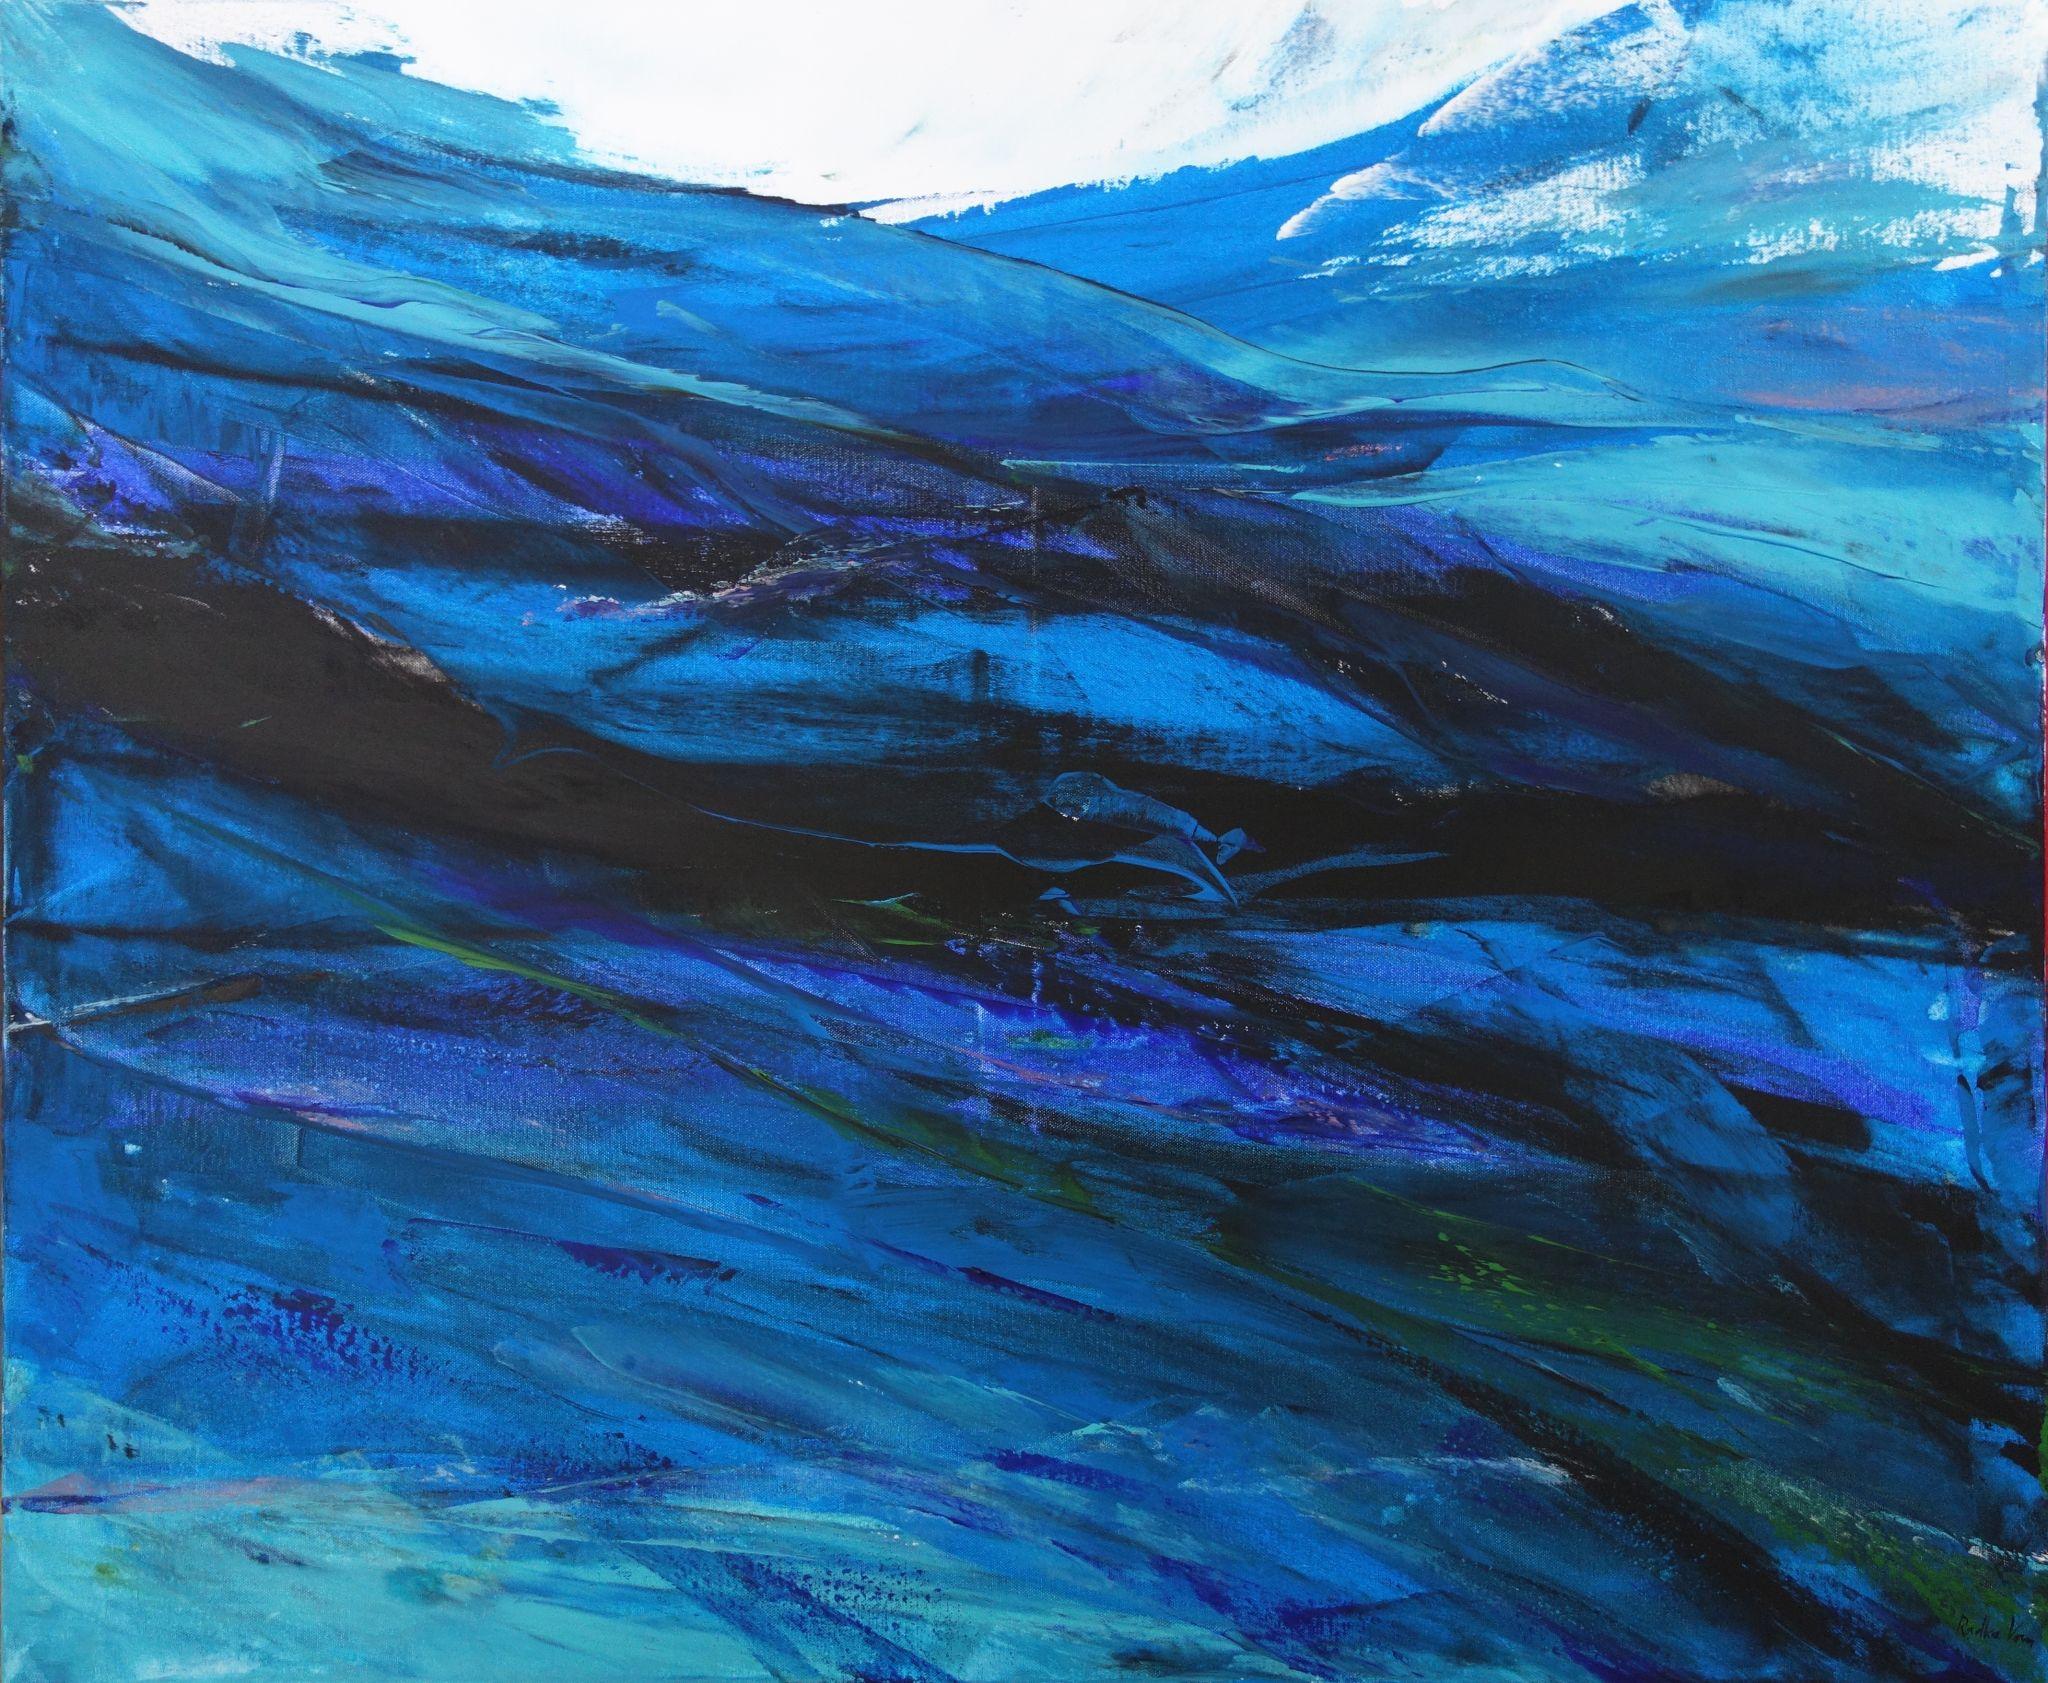 zvolna, 100/120 cm, 2015, akryl na plátně